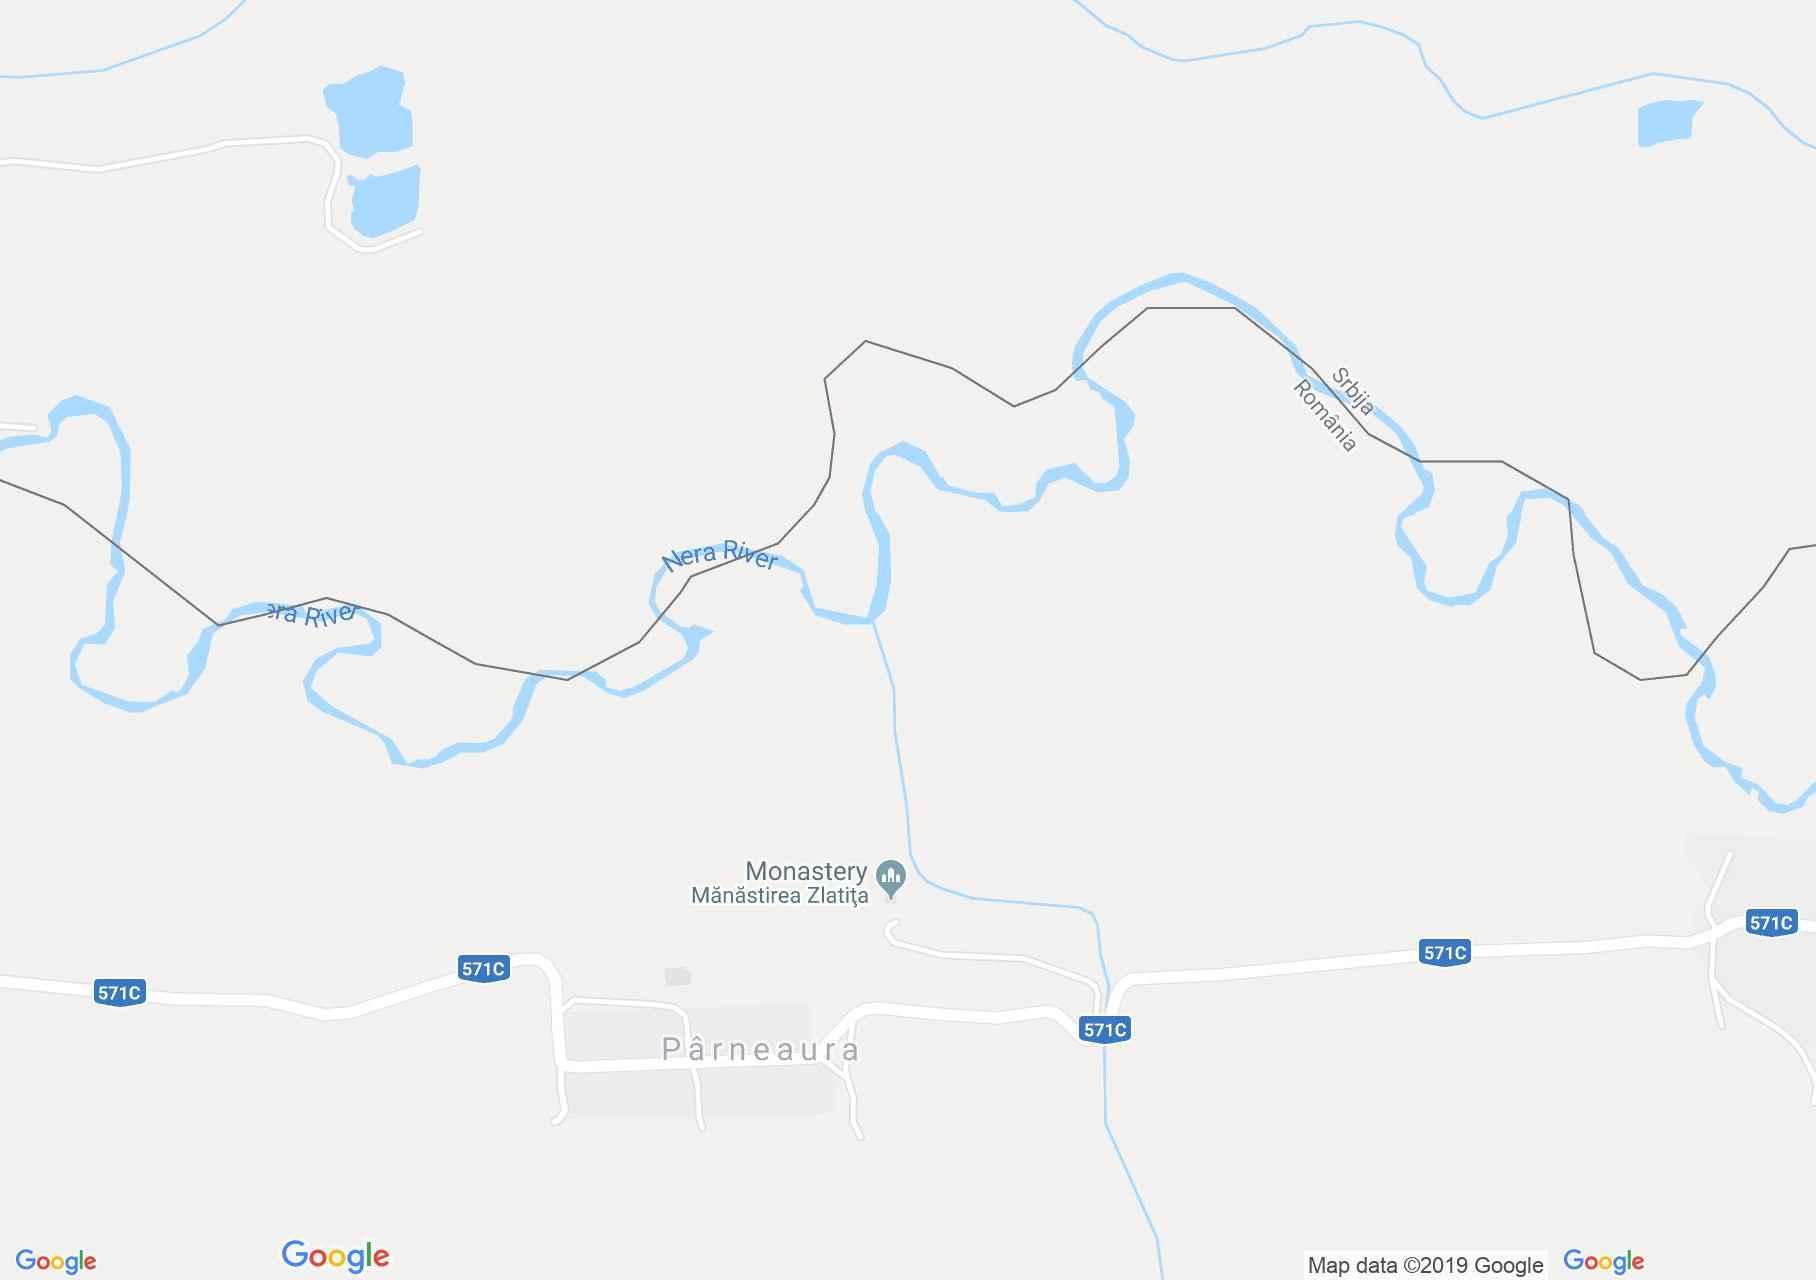 Hartă Pârneaura: Mănăstirea Zlatiţa